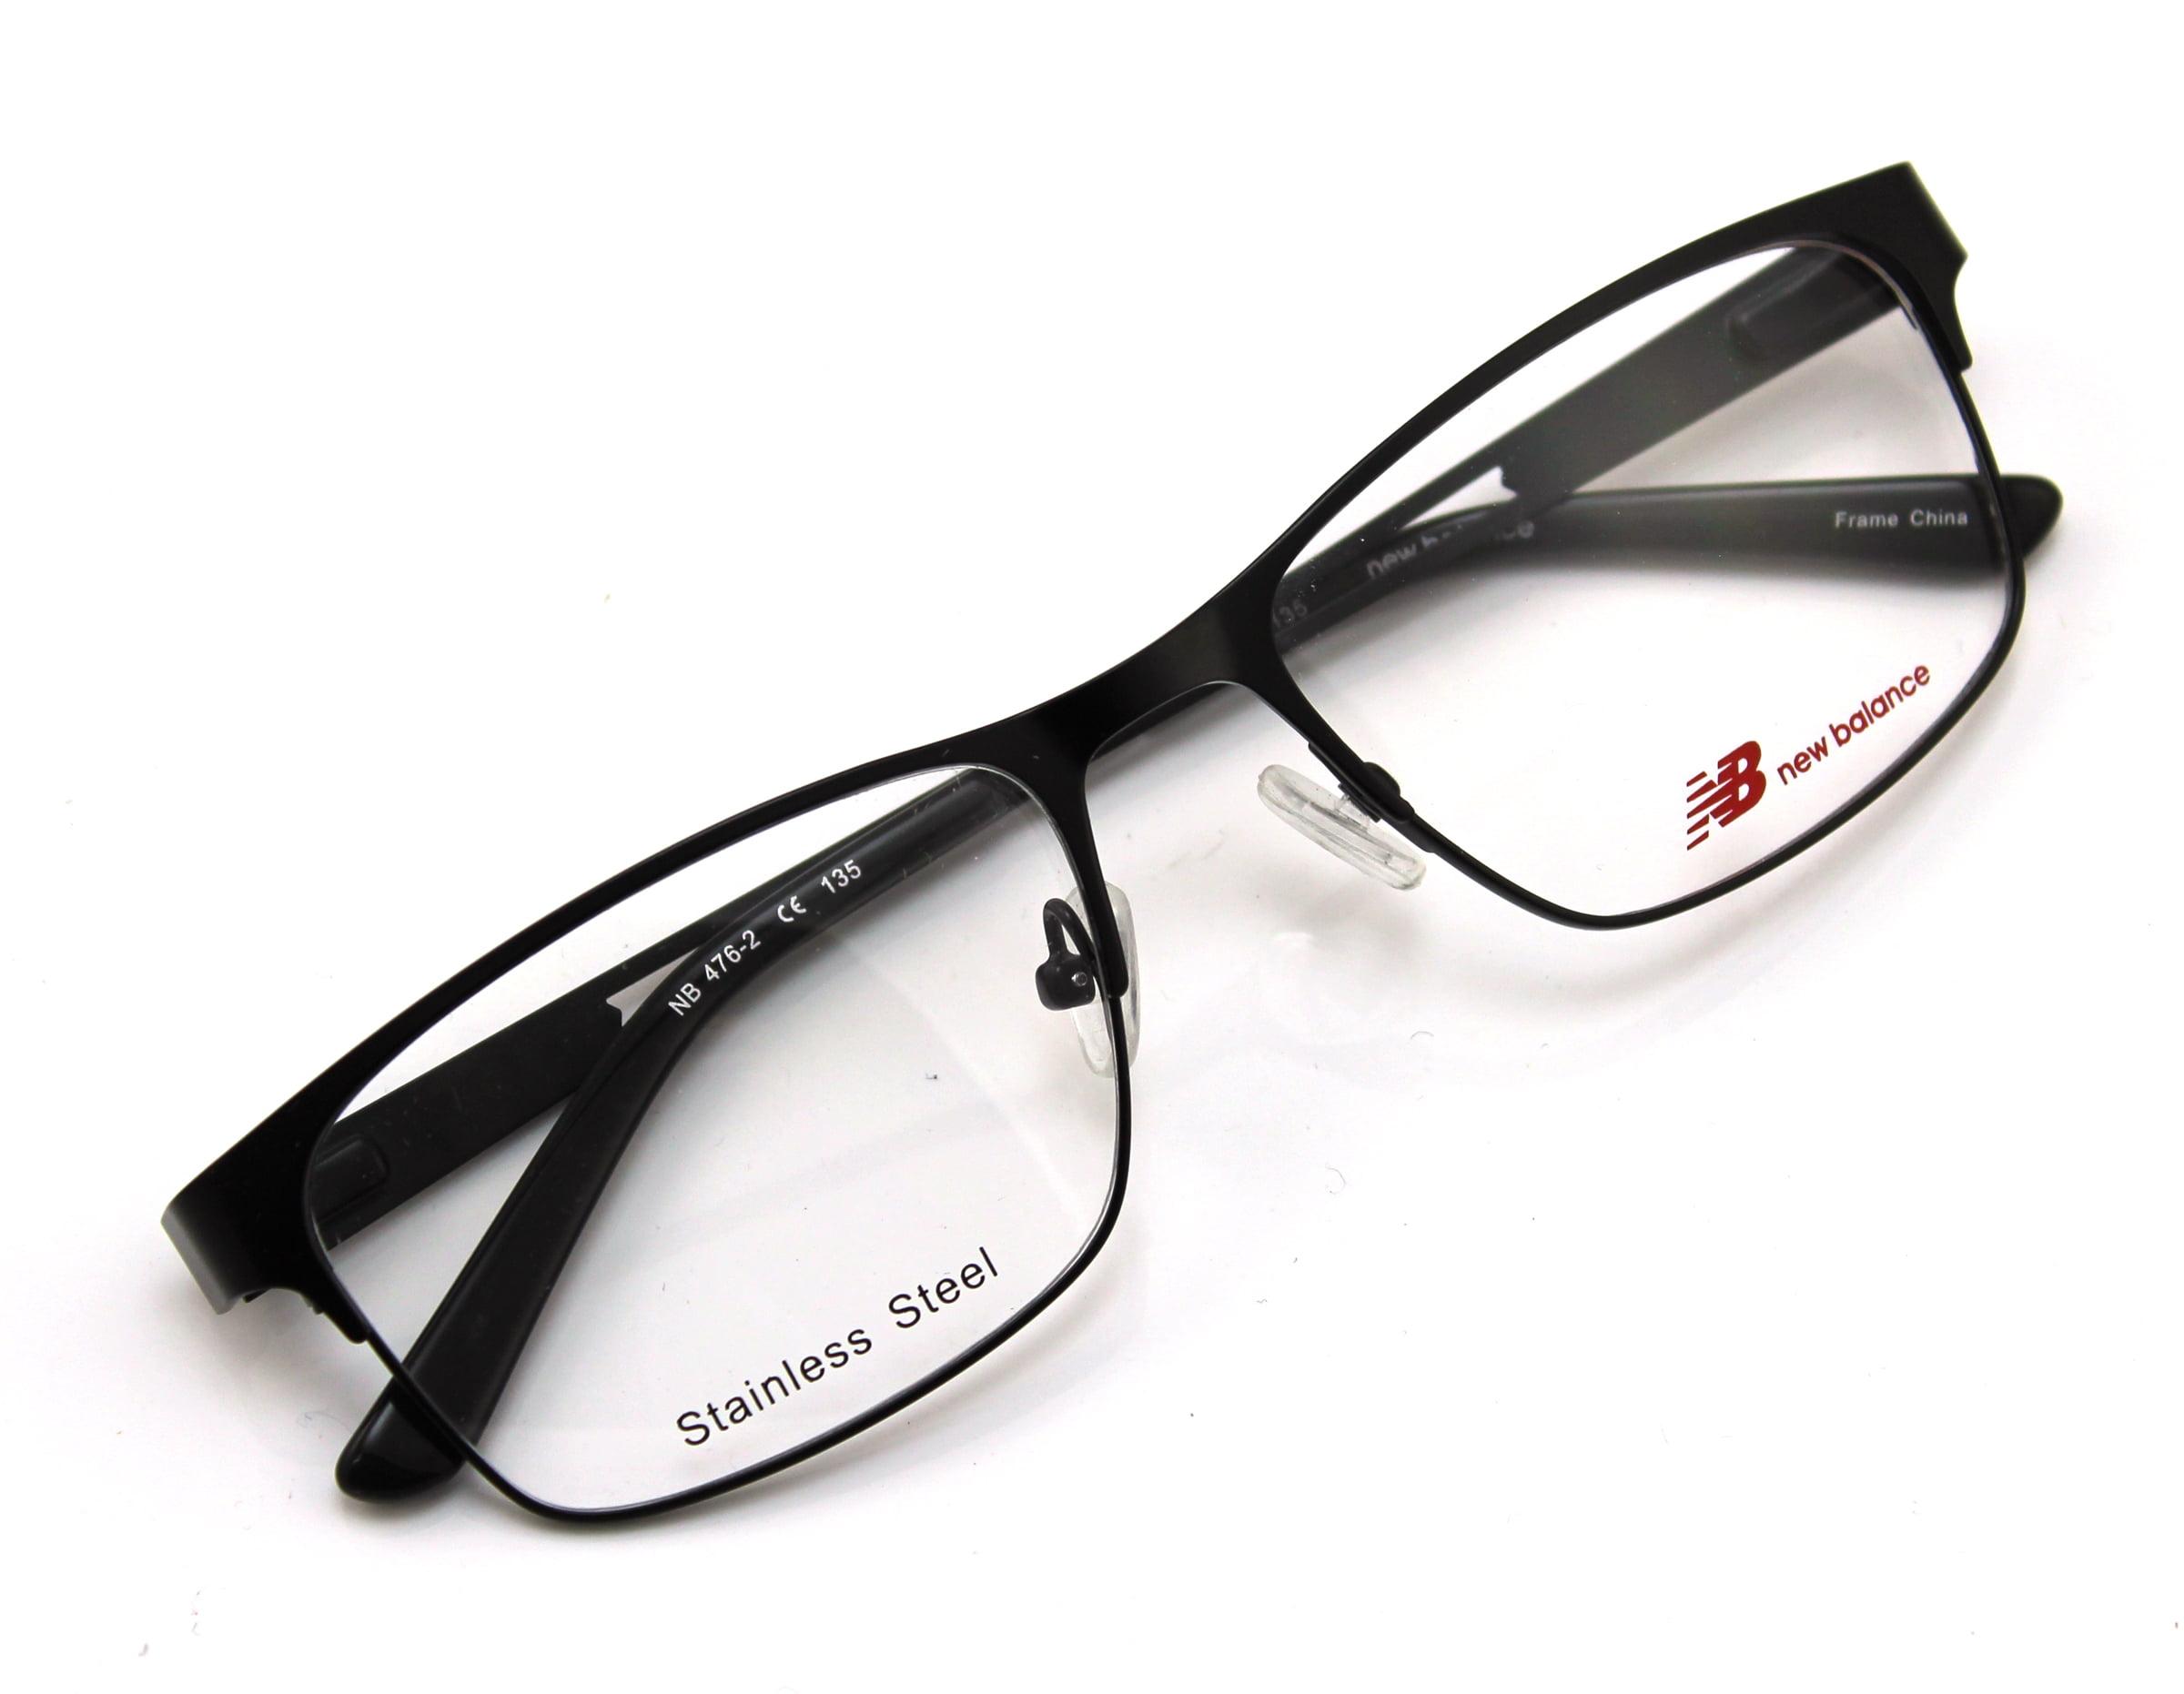 3c08ac63d4632d New Balance Men's Prescription Glasses, NB496 54-1 - Walmart.com